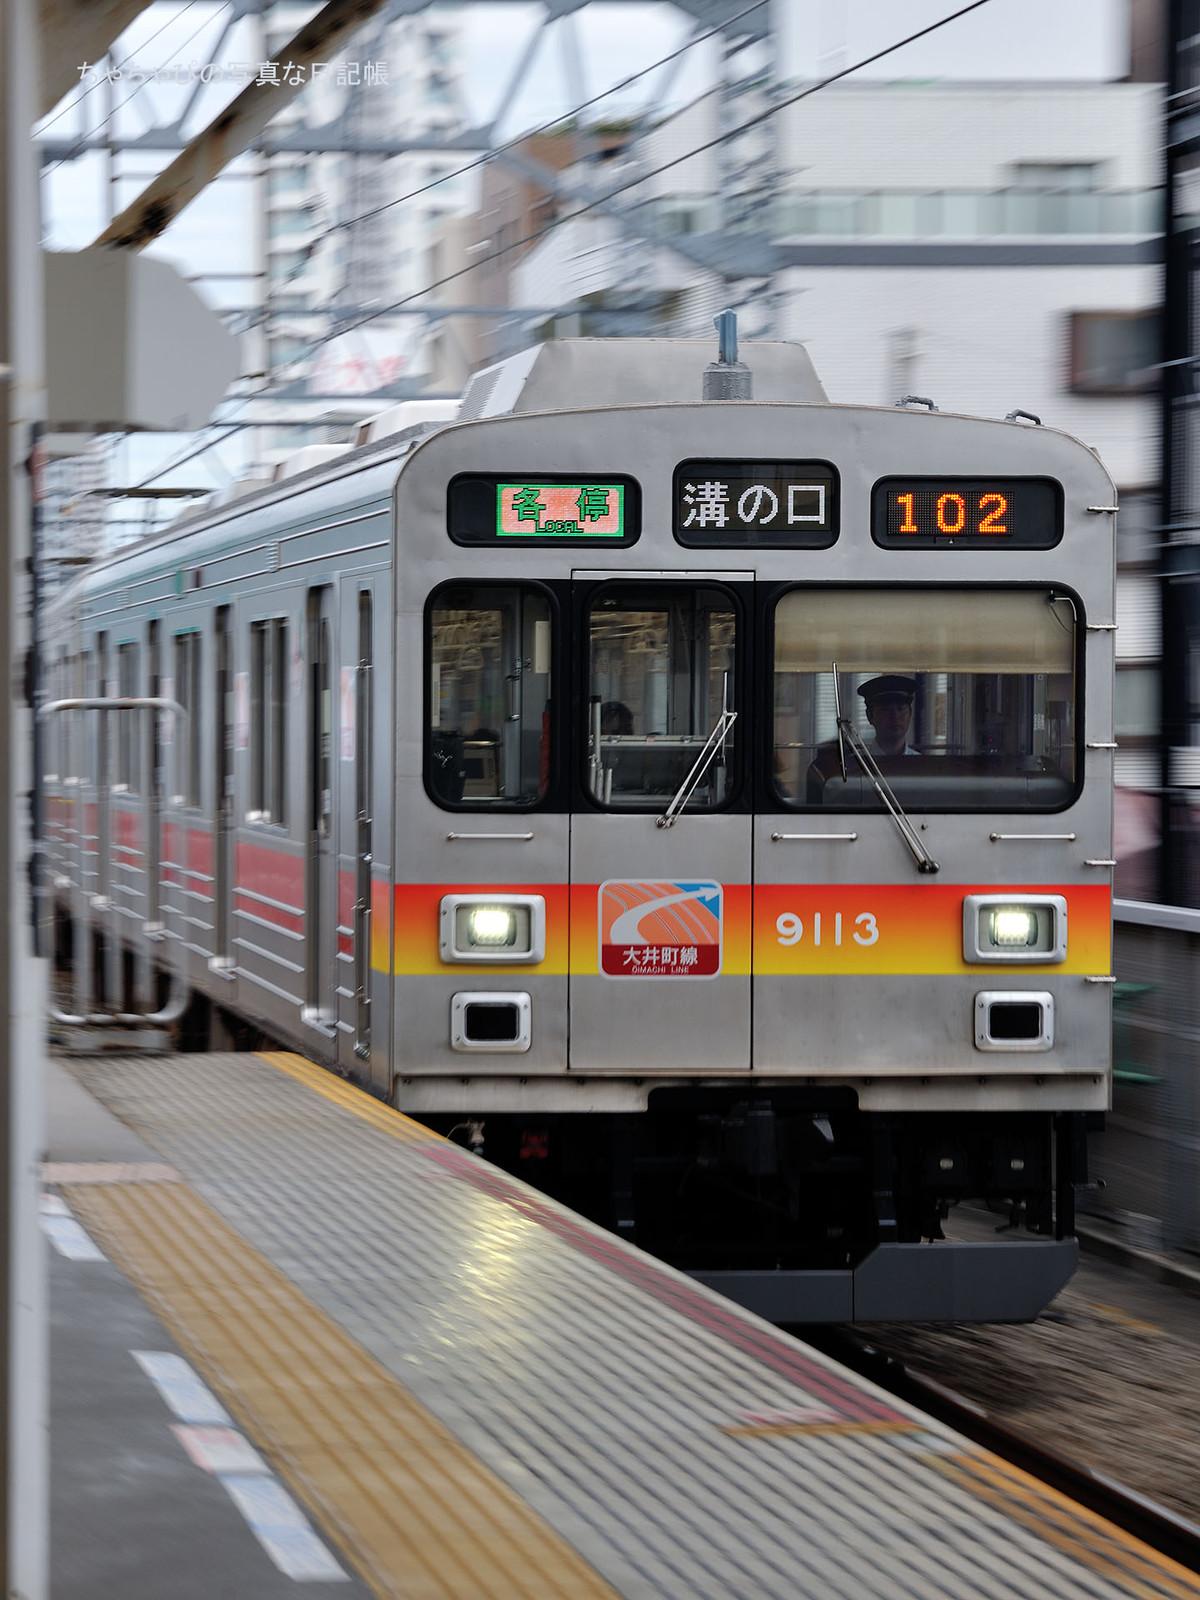 9000系 -102ゥ 9013F-